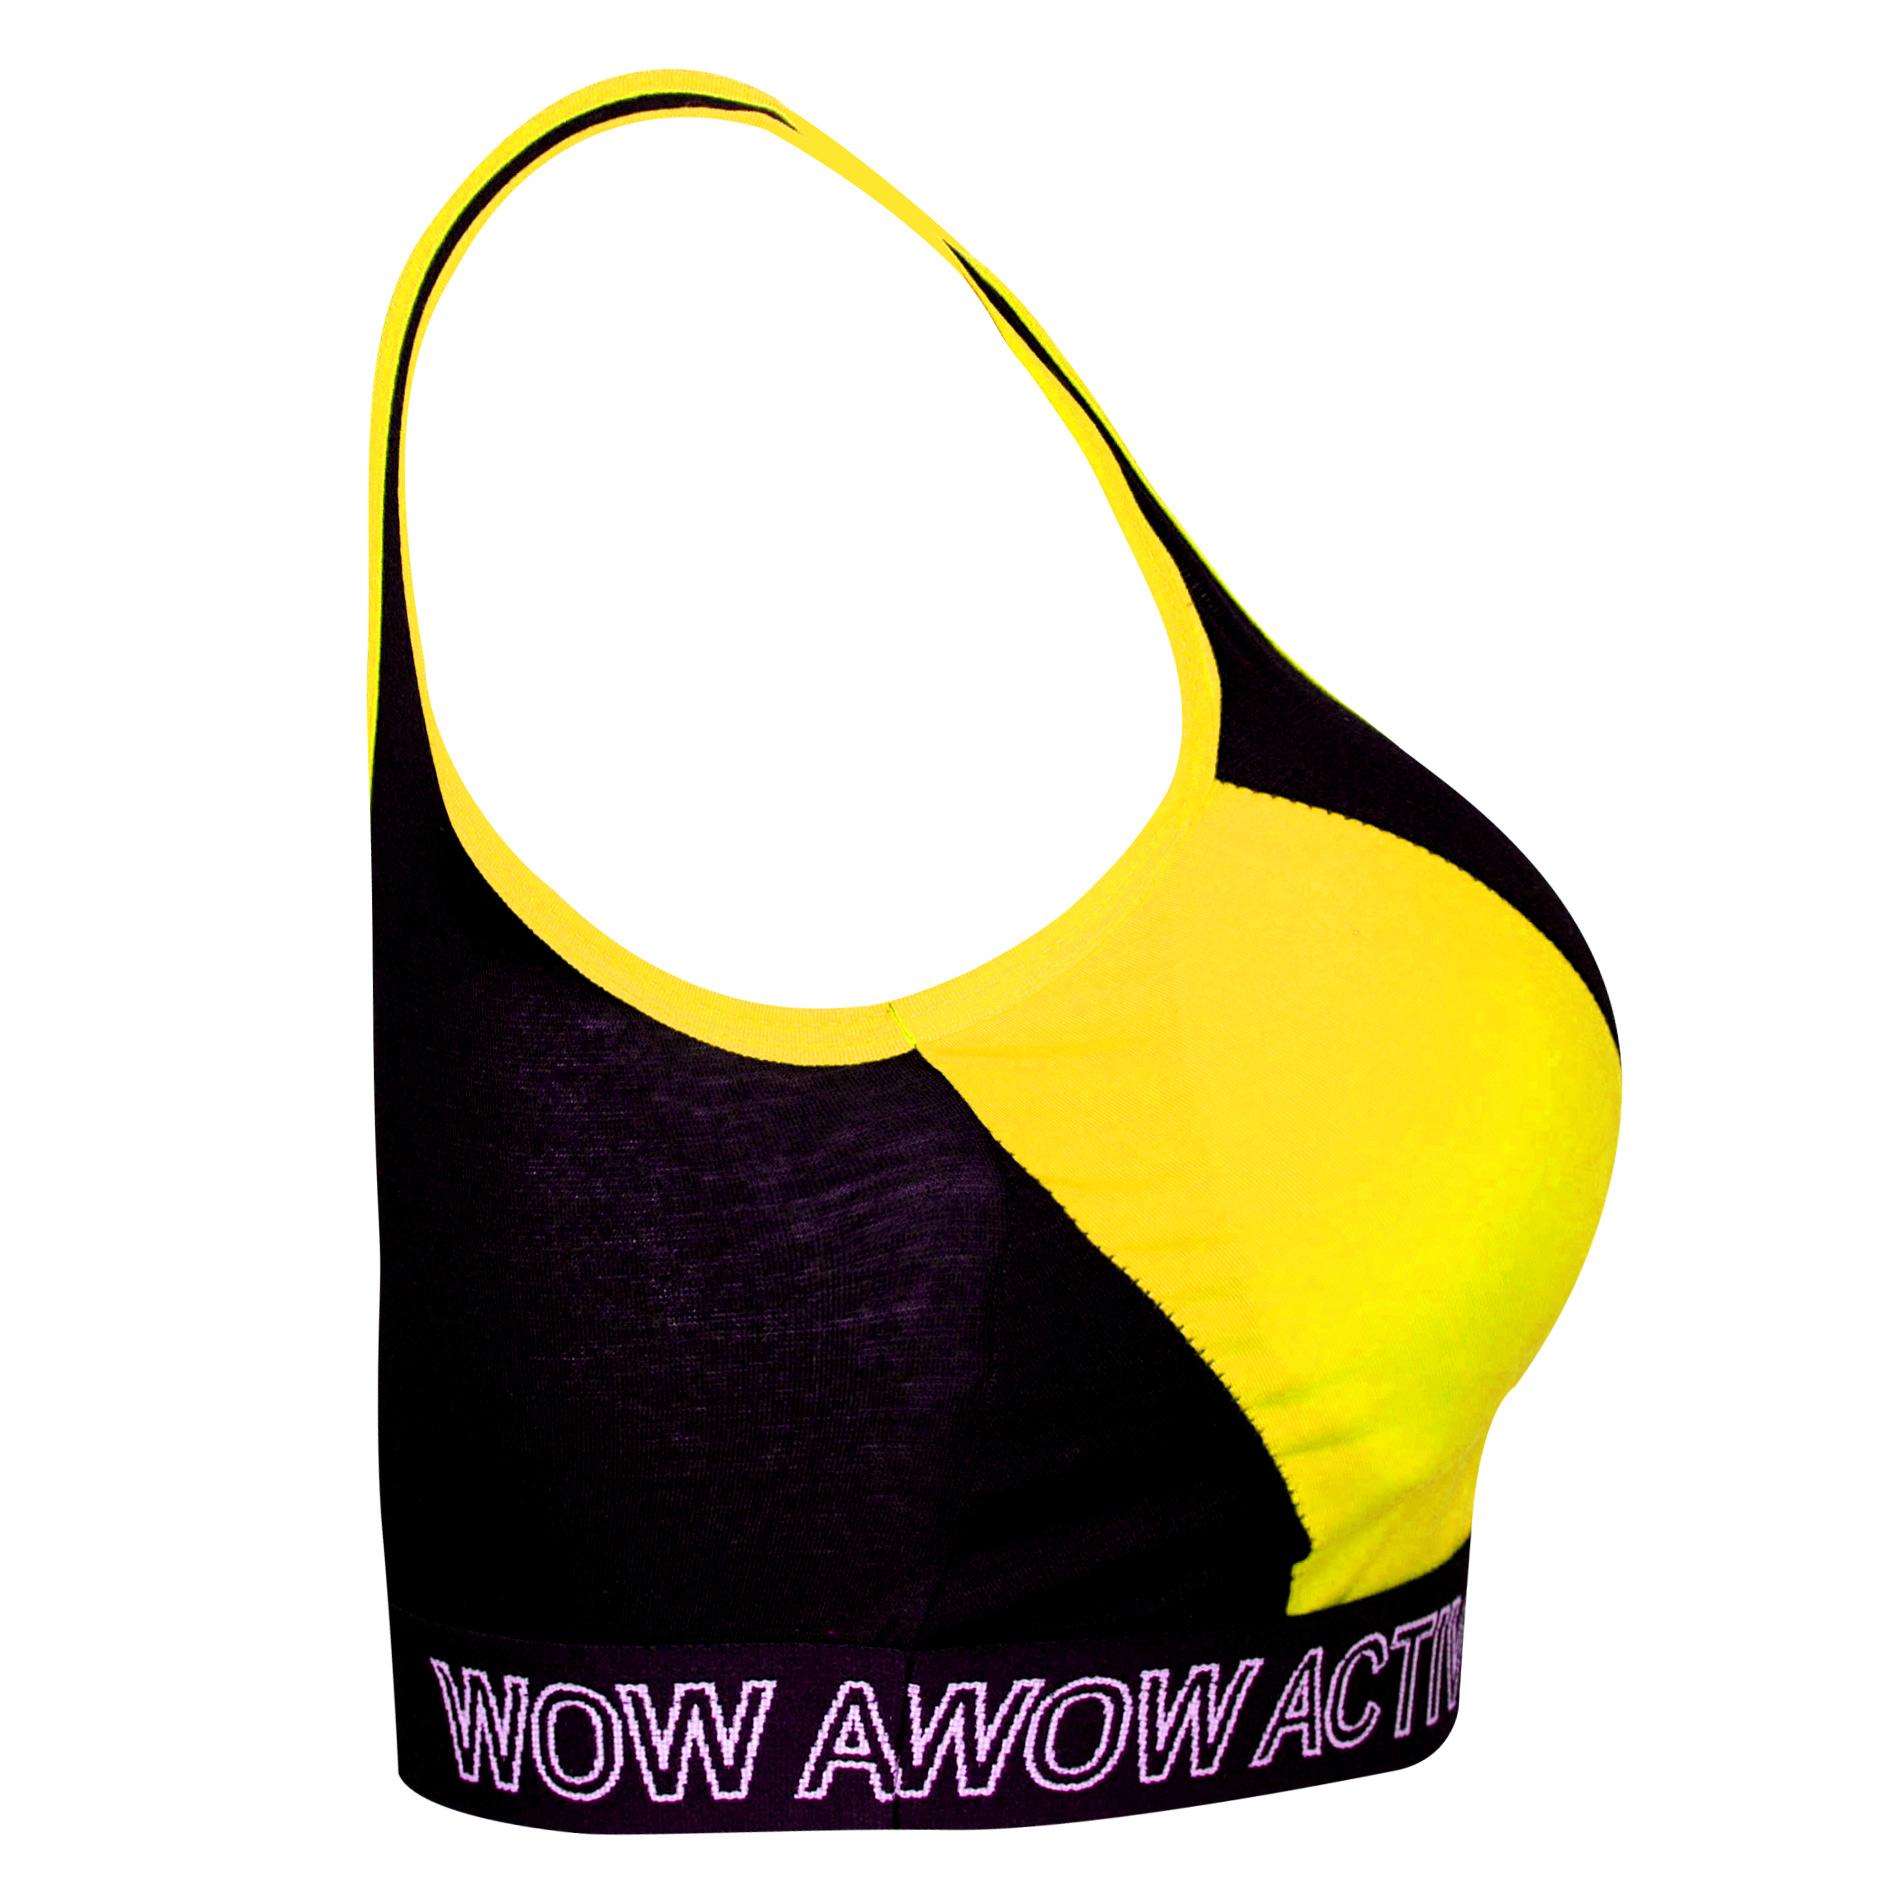 نیم تنه ورزشی زنانه ماییلدا کد 3411-3 main 1 2